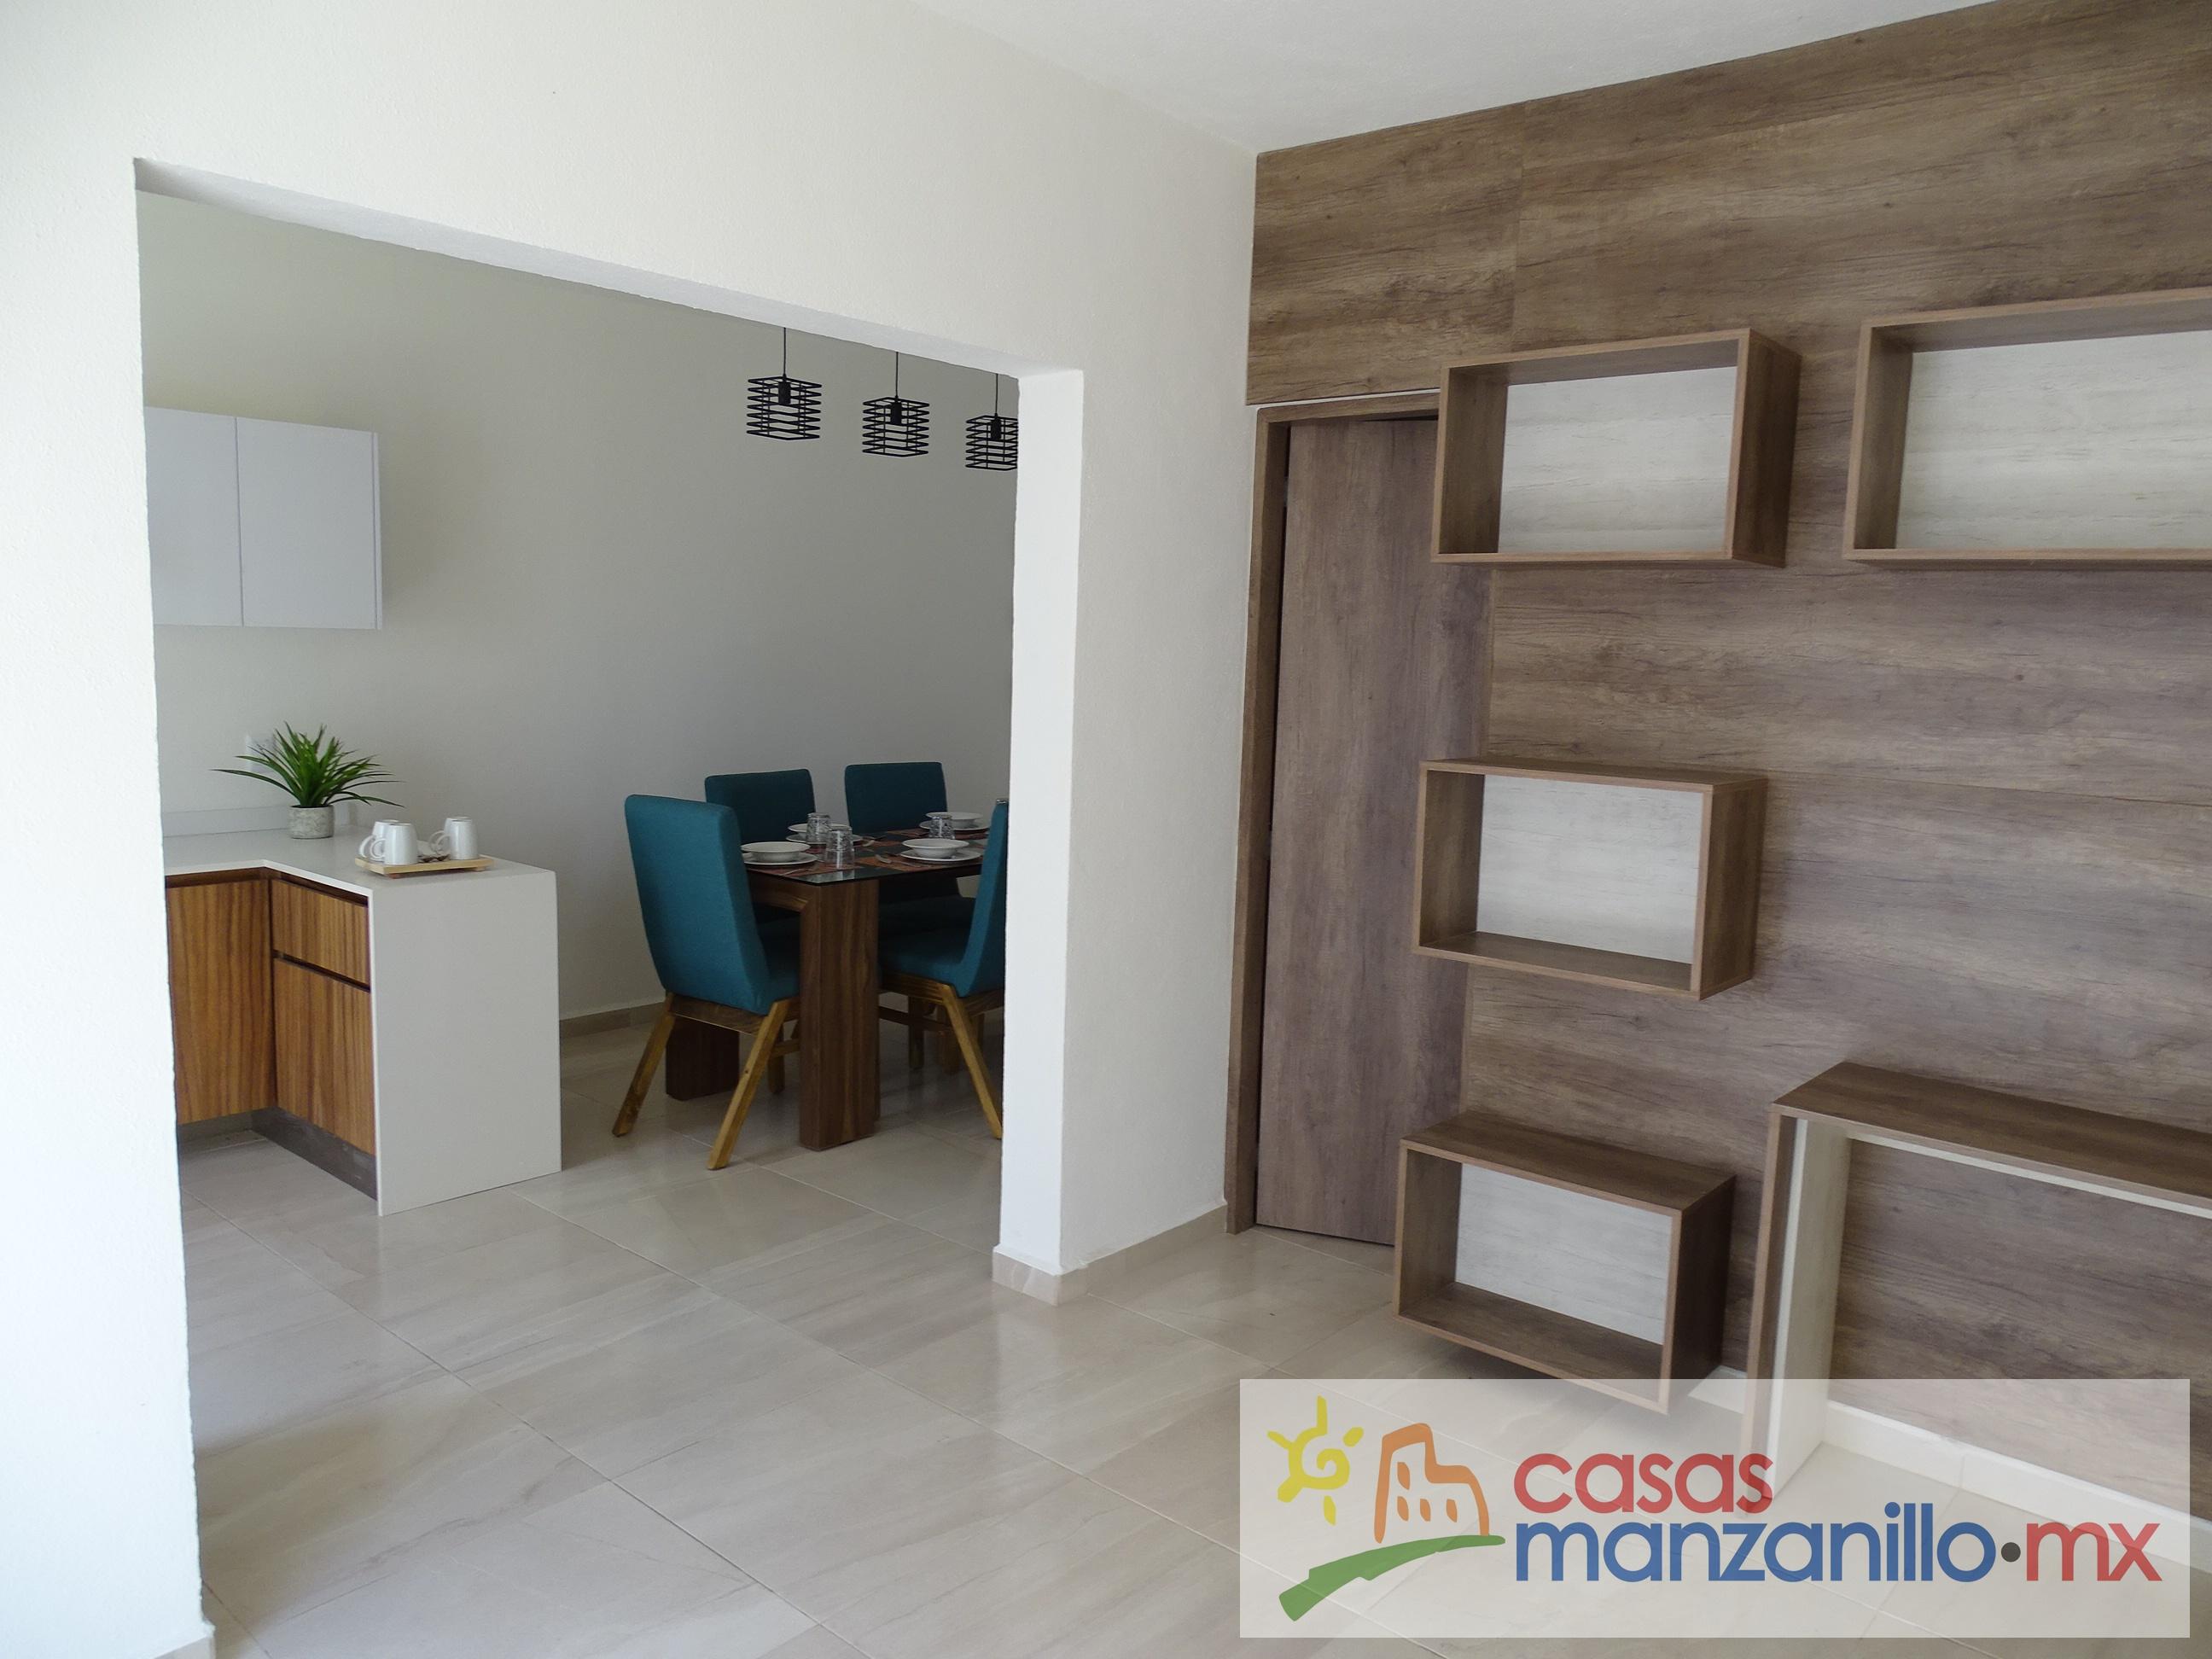 Casas VENTA Manzanillo - Punta Arena (15